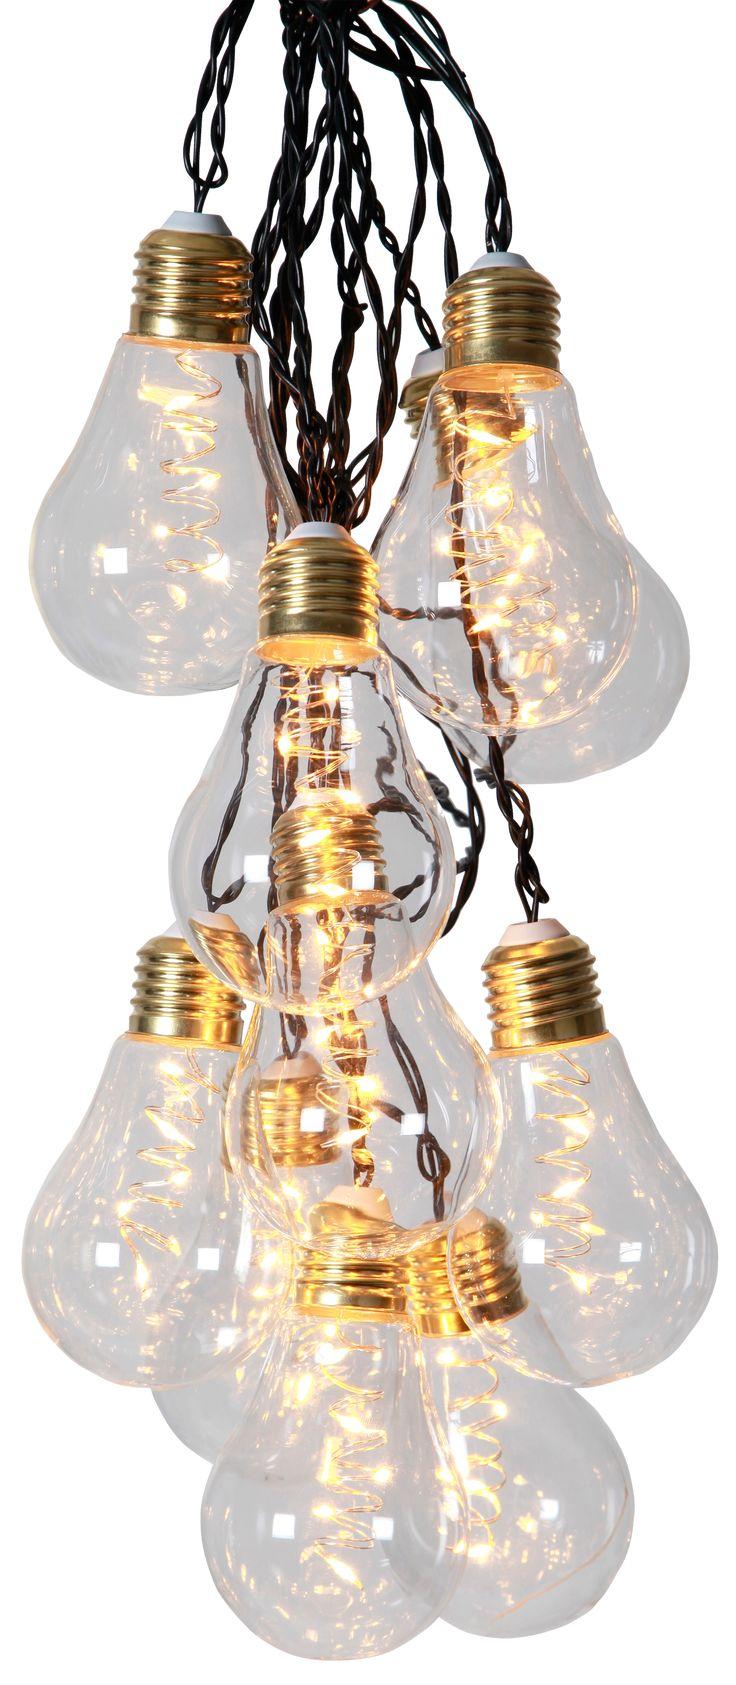 Lampene er i glass med en messingsokkel. Transformator. Slyngen er totalt 8,6 meter med 5 meter til første lampen. 10 LED pærer i varmhvitt lys.